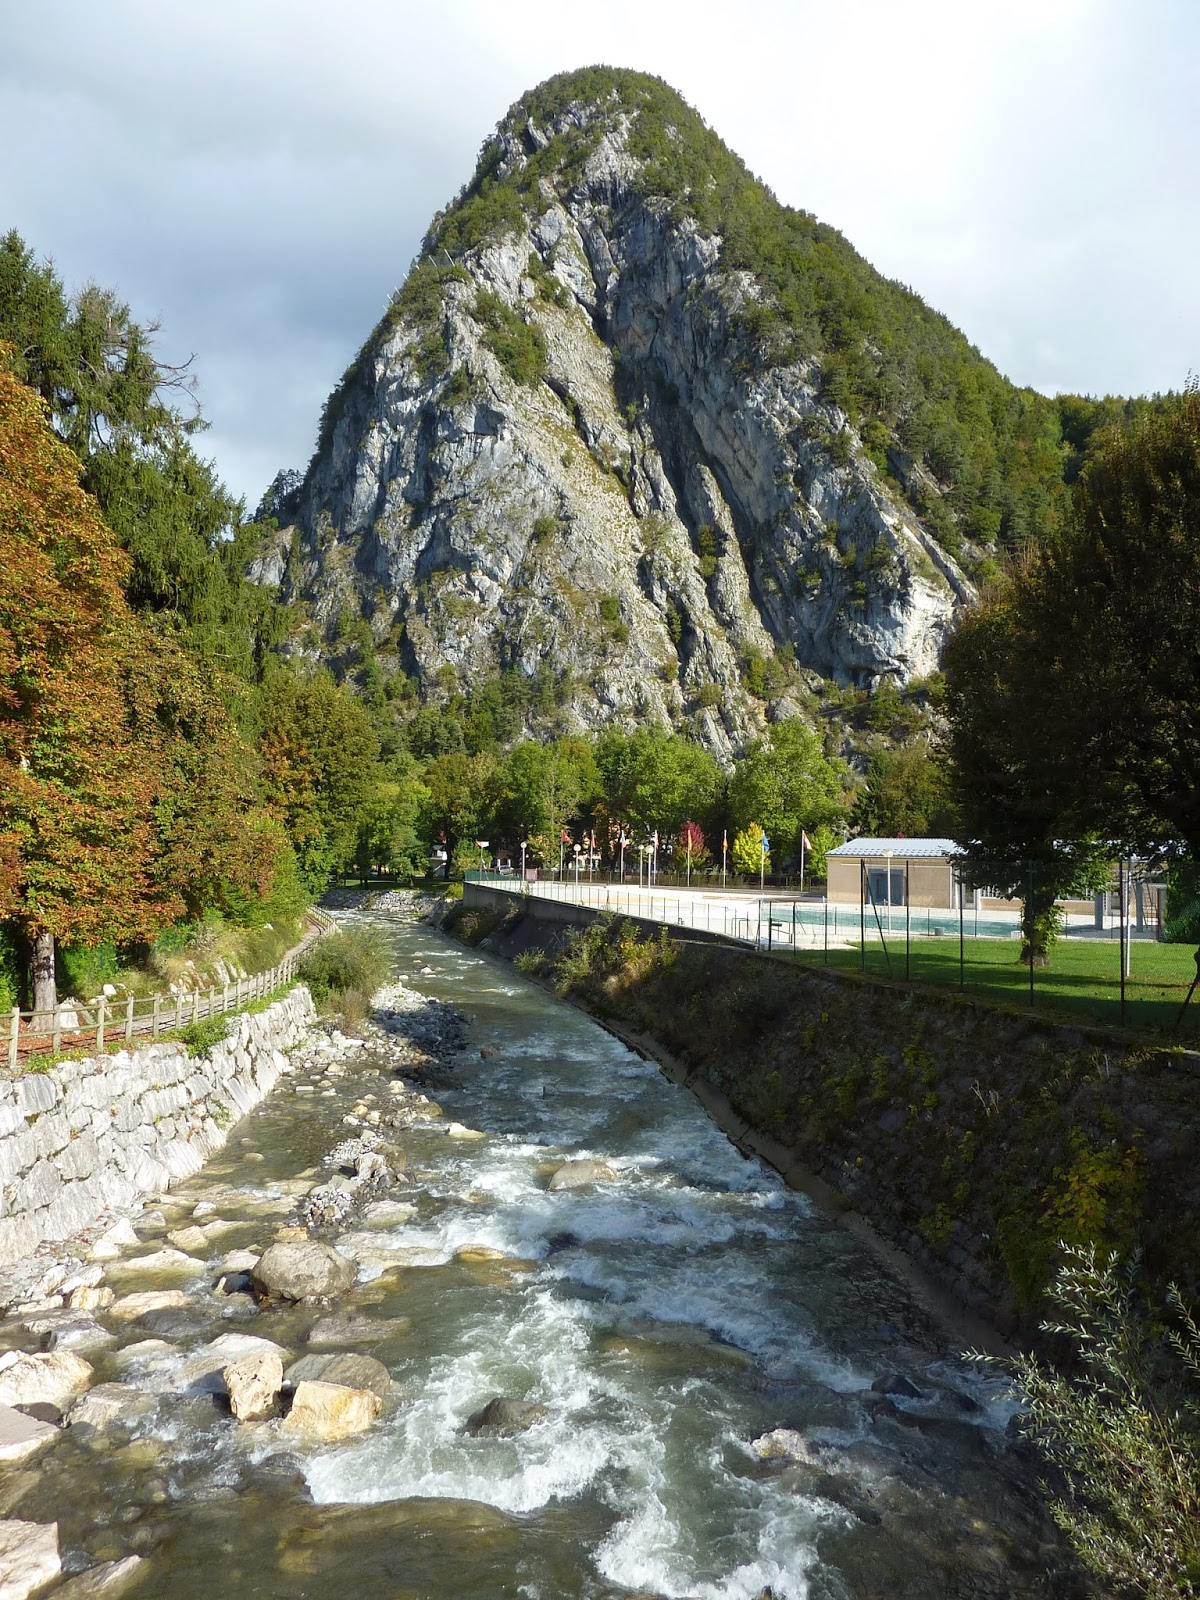 Petitouratandem petitouravelo autour d 39 aix les bains for Bains manpreet s md